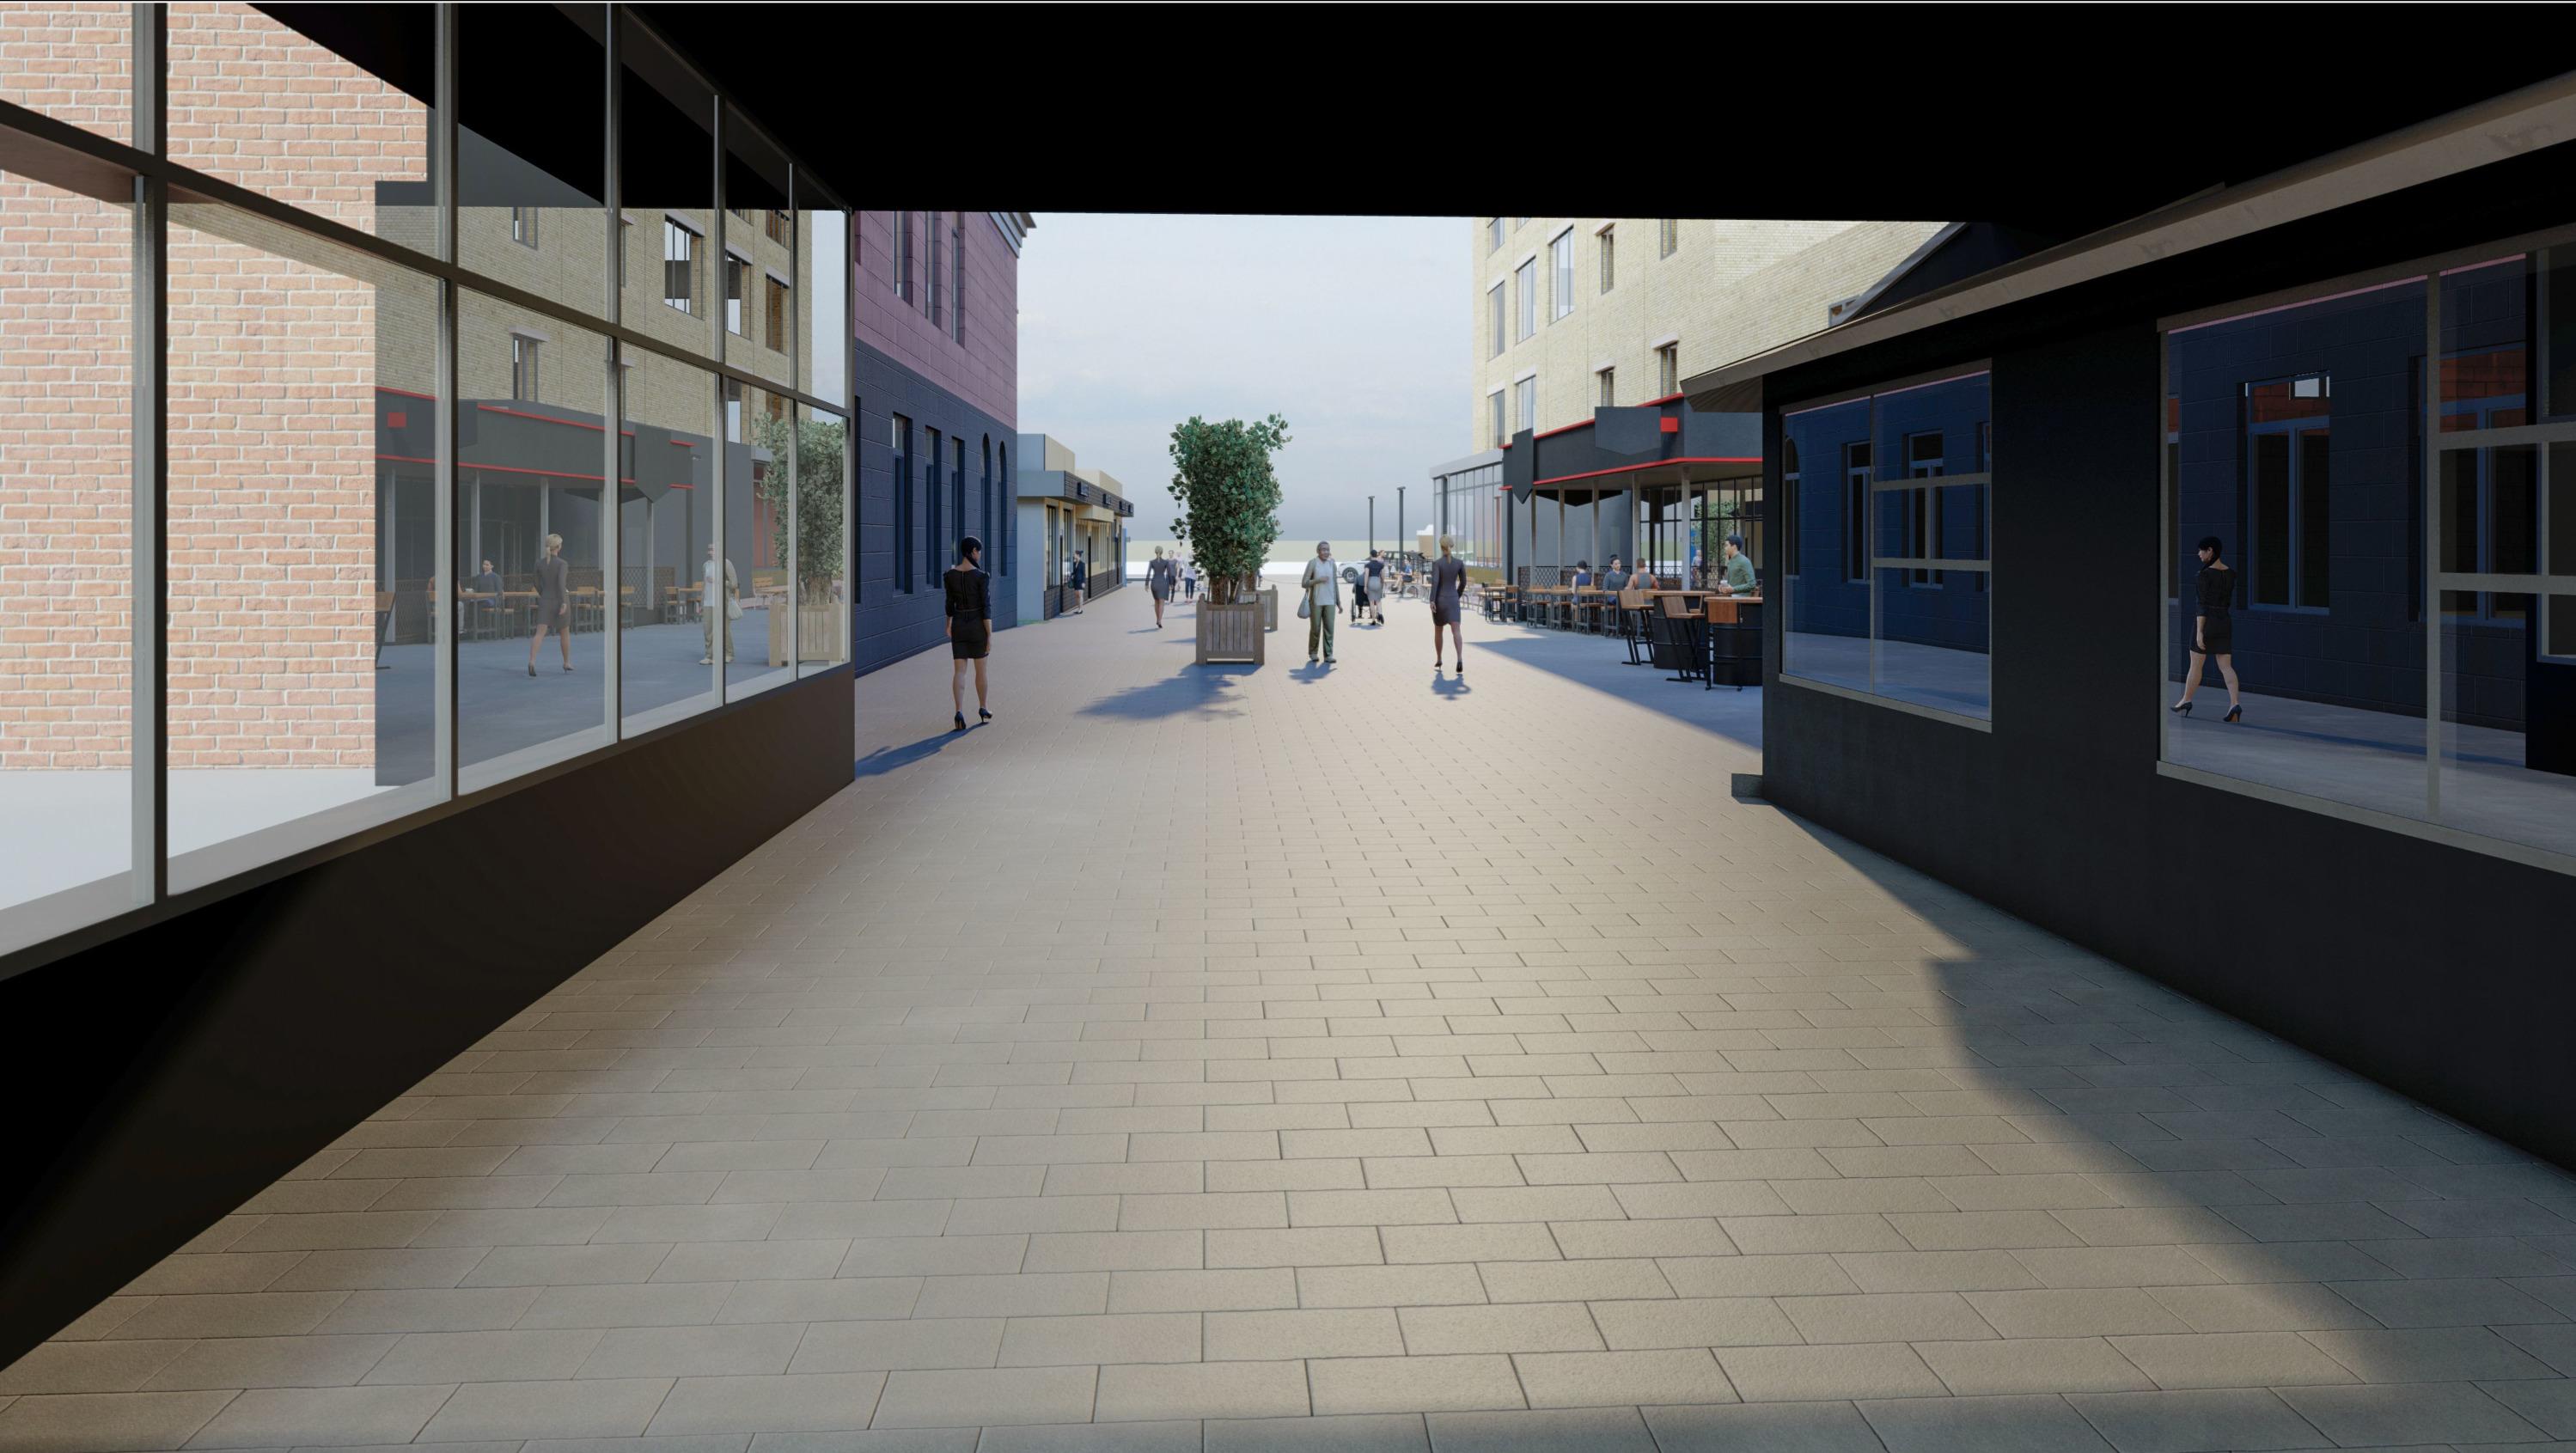 Горожане сами представили свой проект благоустройства городского пространства